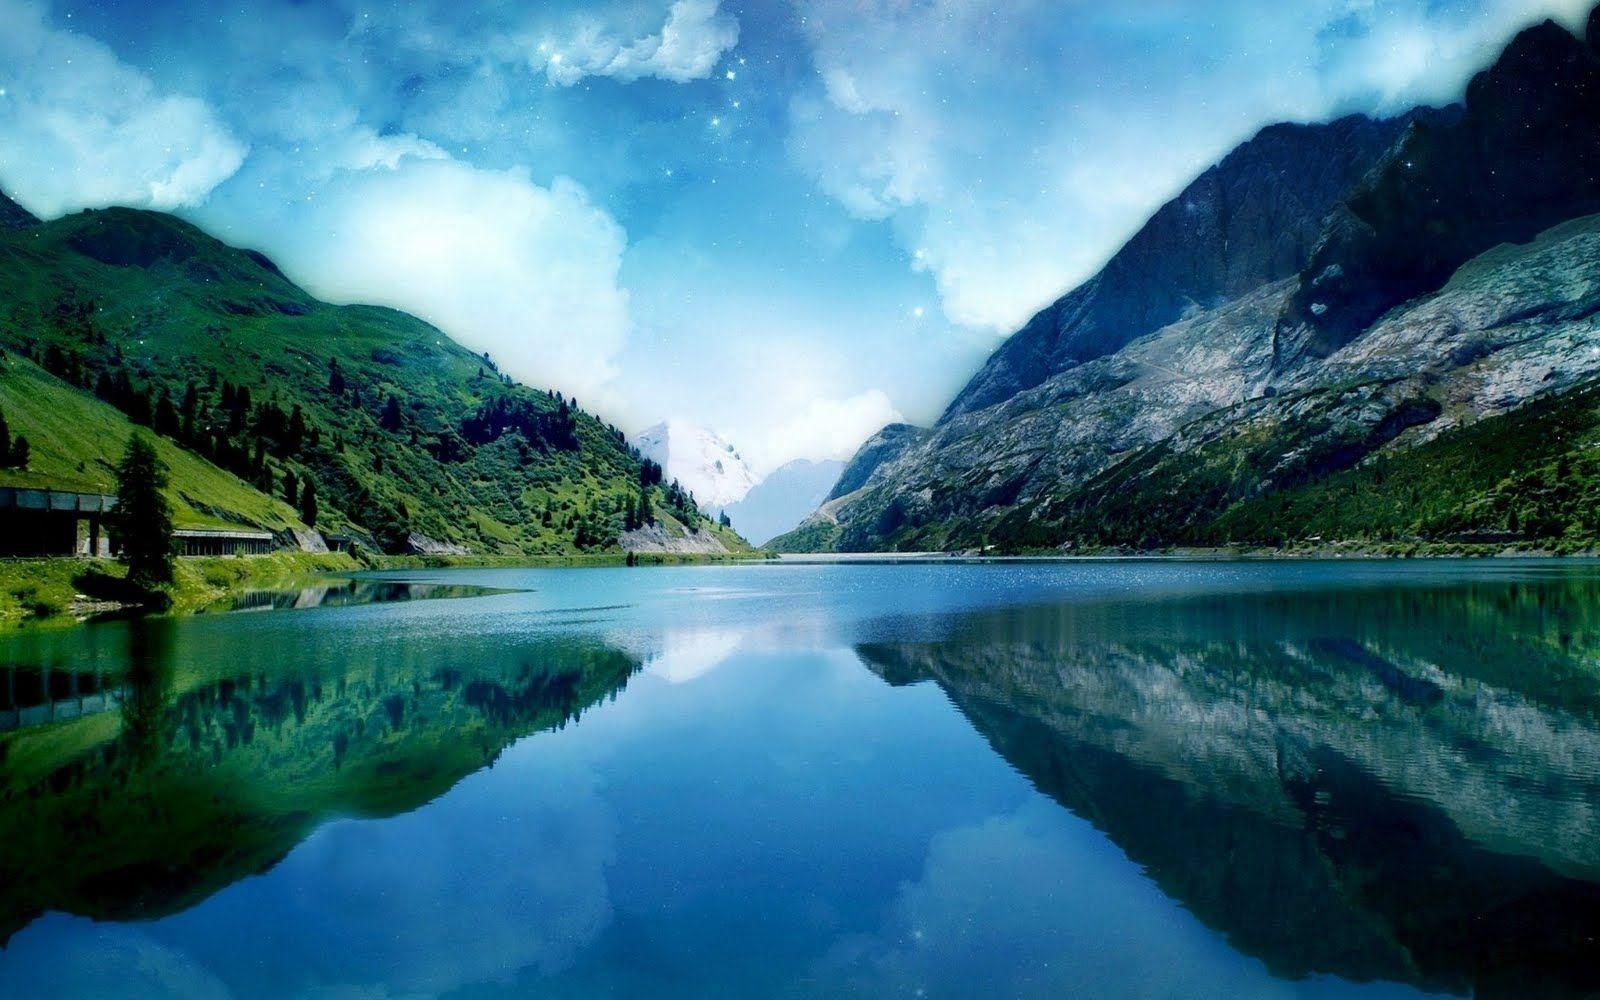 New Nature Desktop Background Pack Mit Bildern Landschafts Tapete Natur Wallpaper Hintergrundbilder Natur